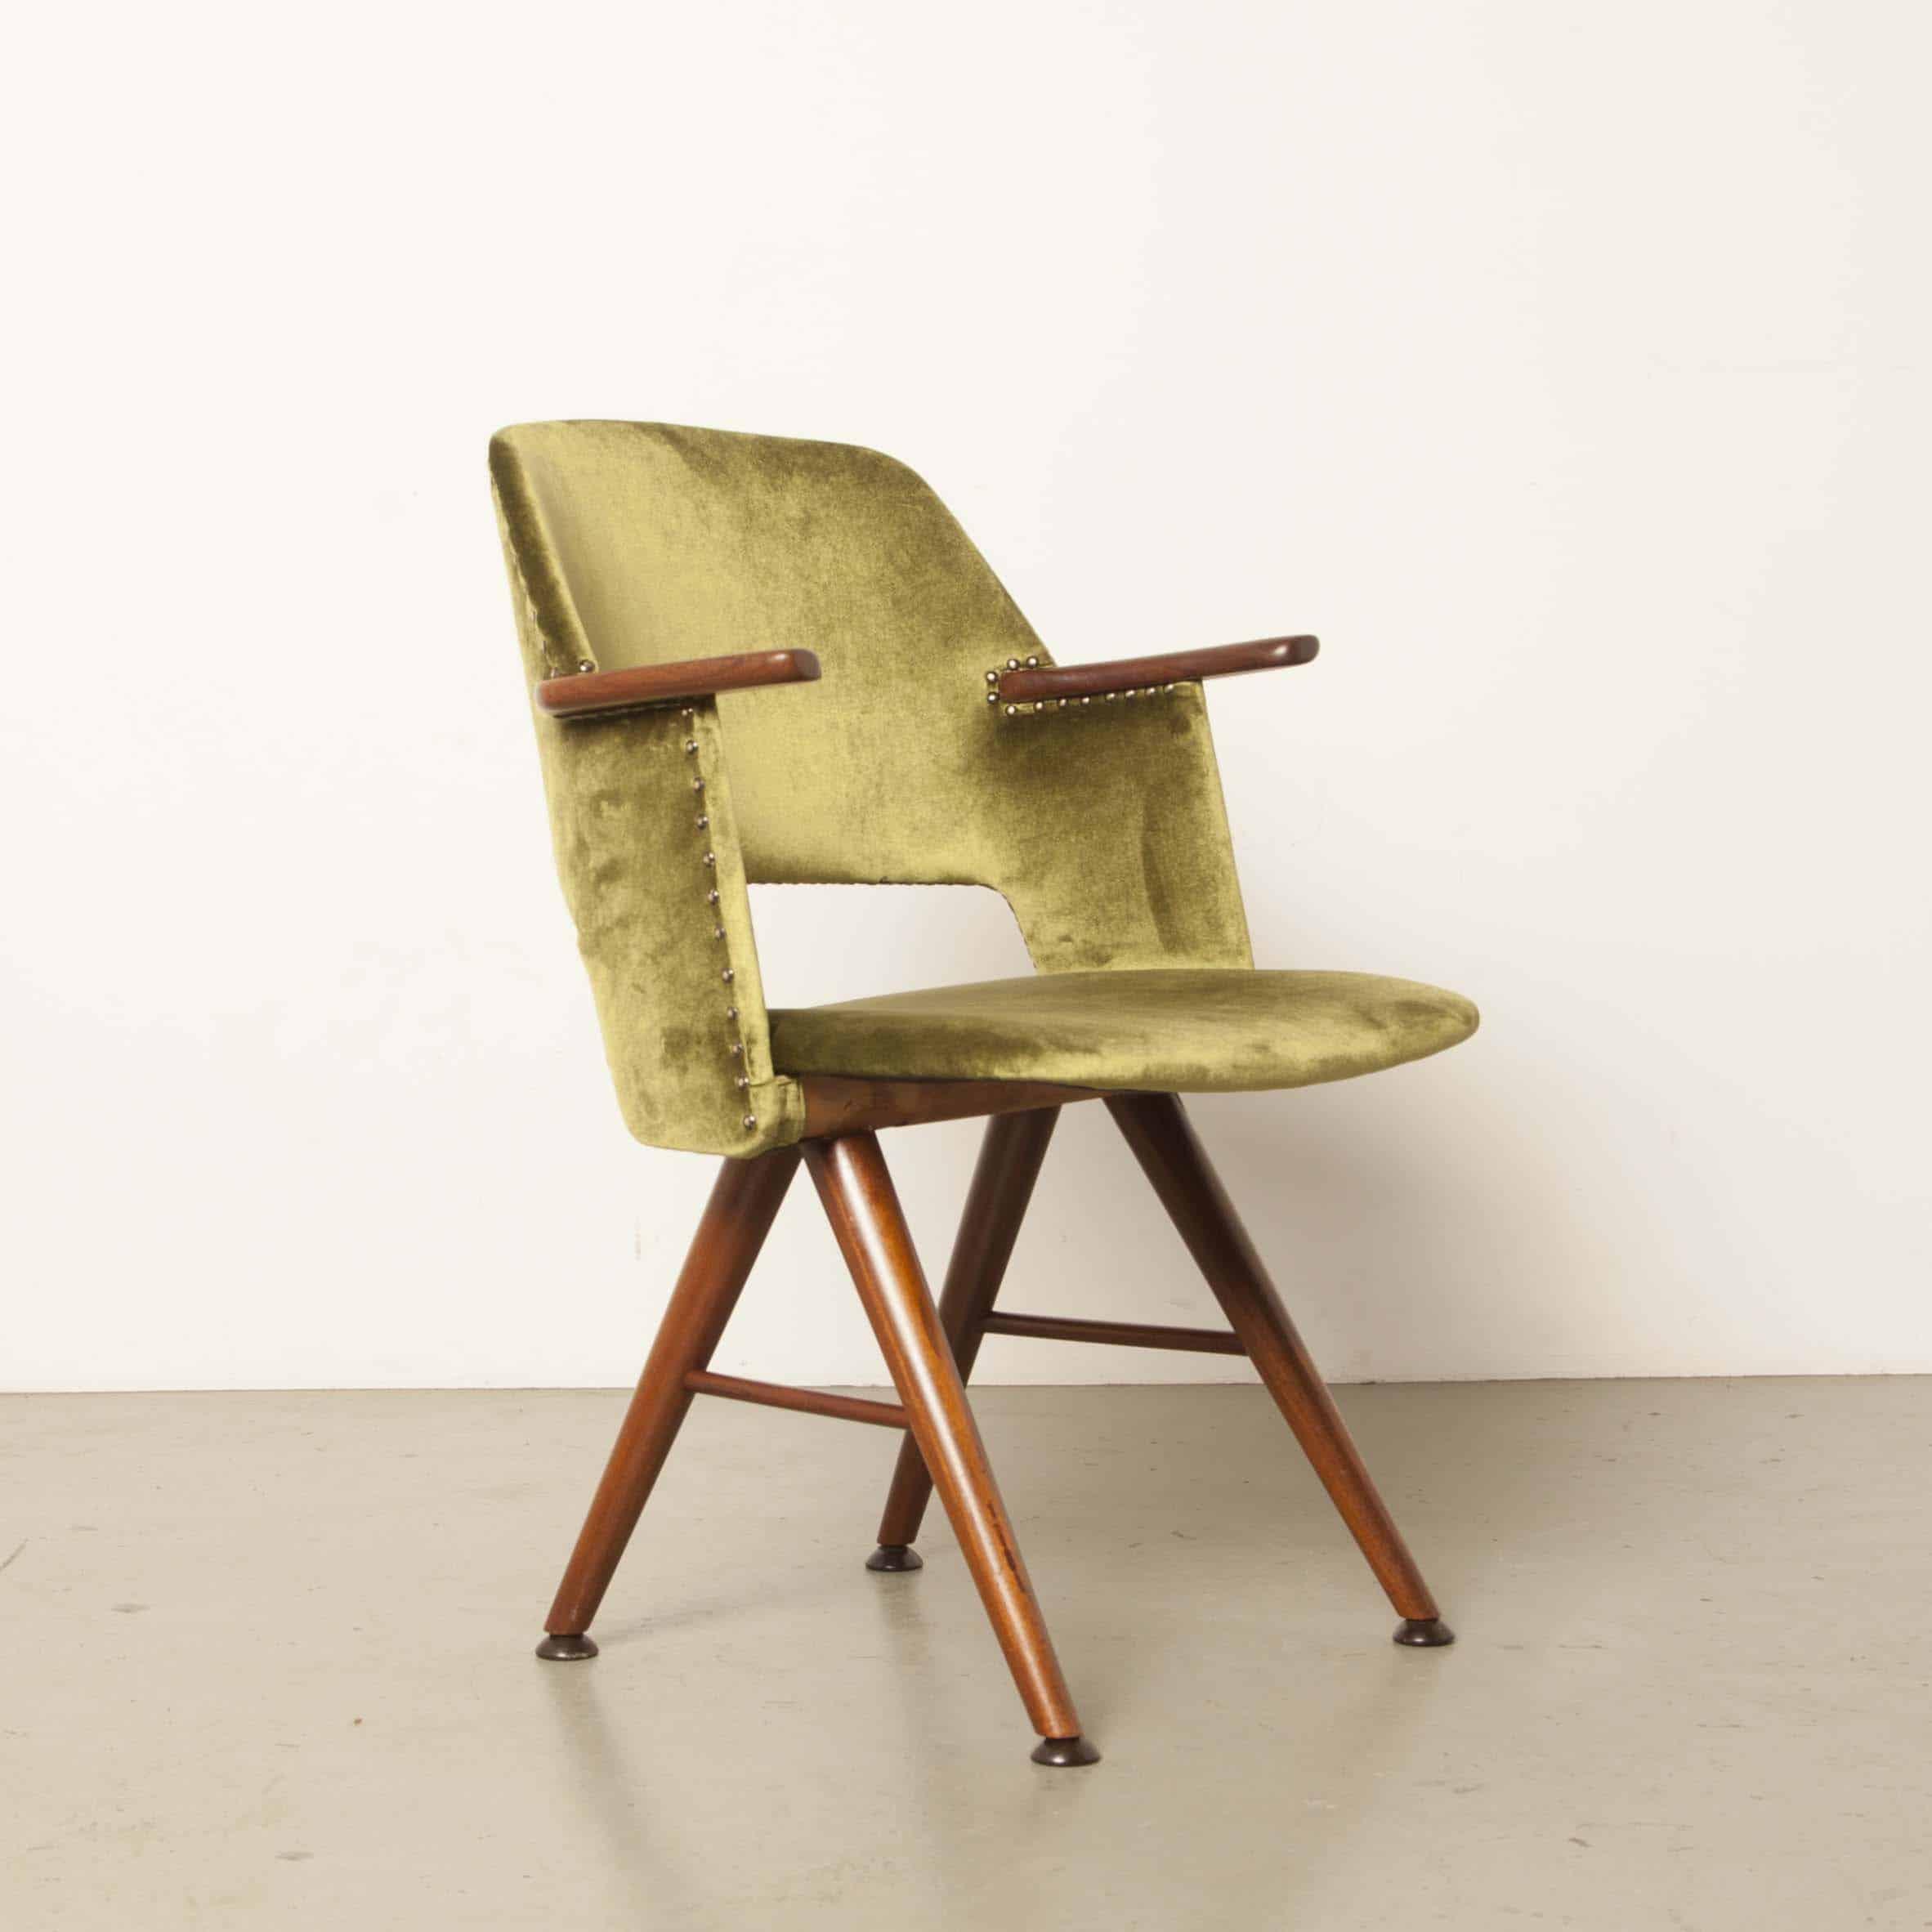 FE 30 fauteuil van Cees Braakman voor Pastoe 1950's eetkamer stoel nieuw gestoffeerd groen velours teak hout